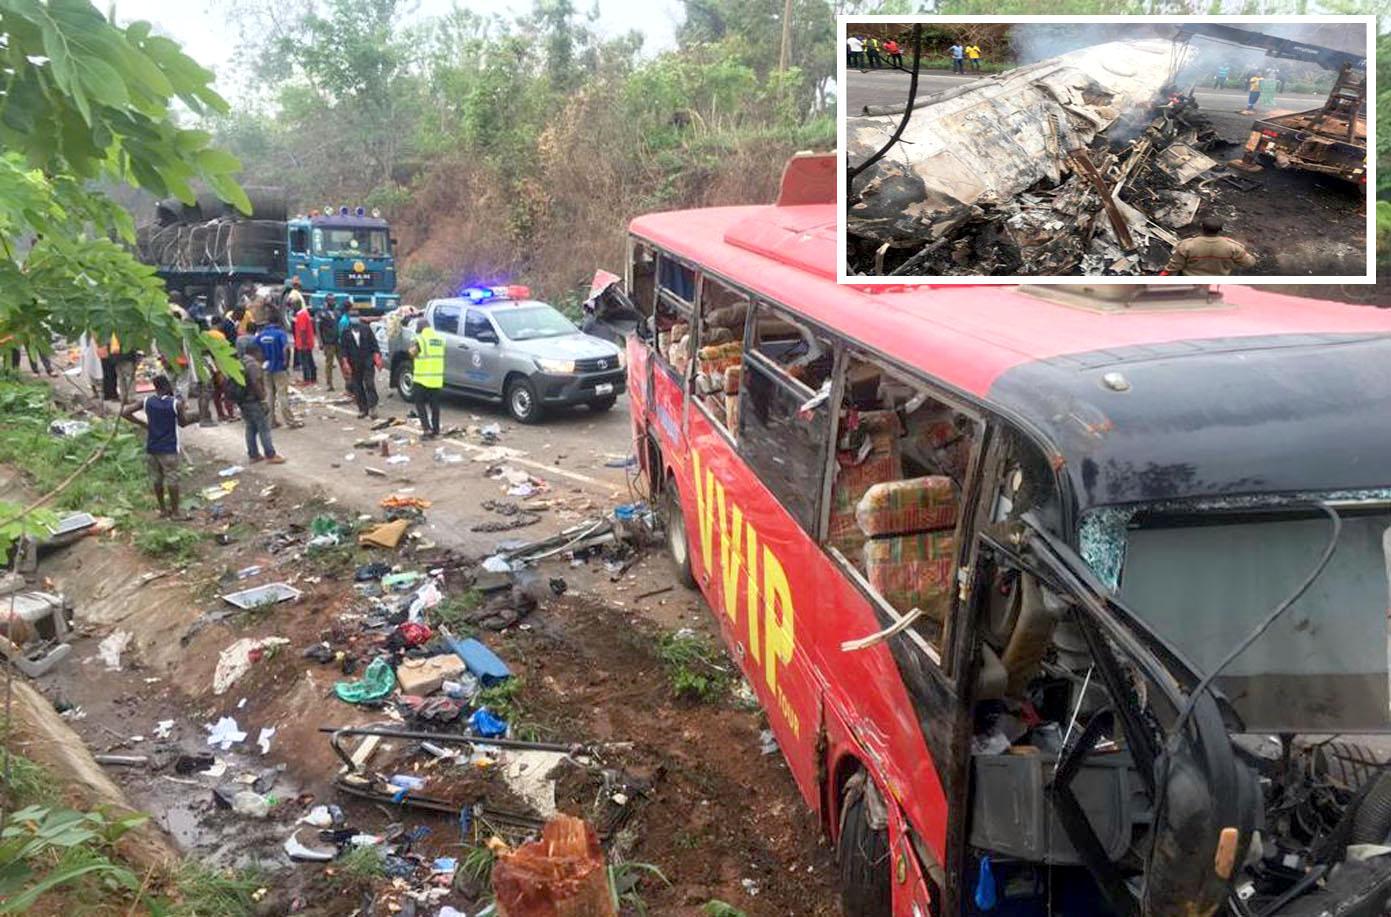 گھانا: حادثے کا شکار ہونے والی بسیں جل کر تباہ ہوگئی ہیں' مسافروں کا سامان سڑک پر بکھرا ہوا ہے